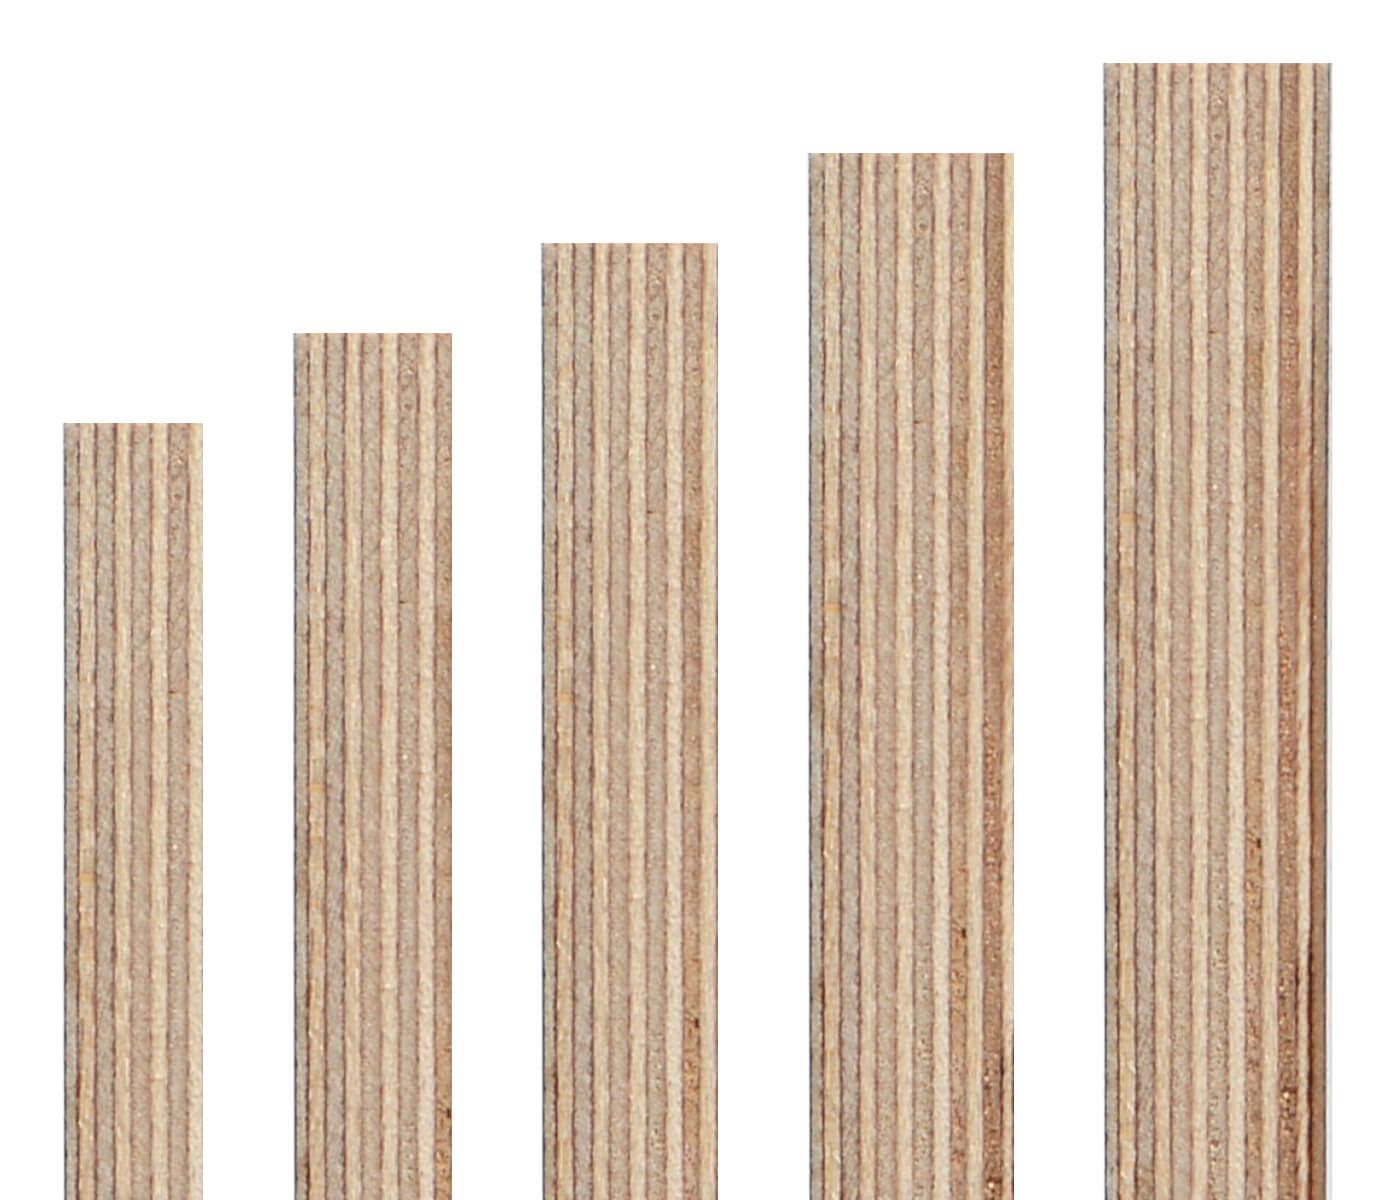 160x90 cm Siebdruckplatte 21mm Zuschnitt Multiplex Birke Holz Bodenplatte